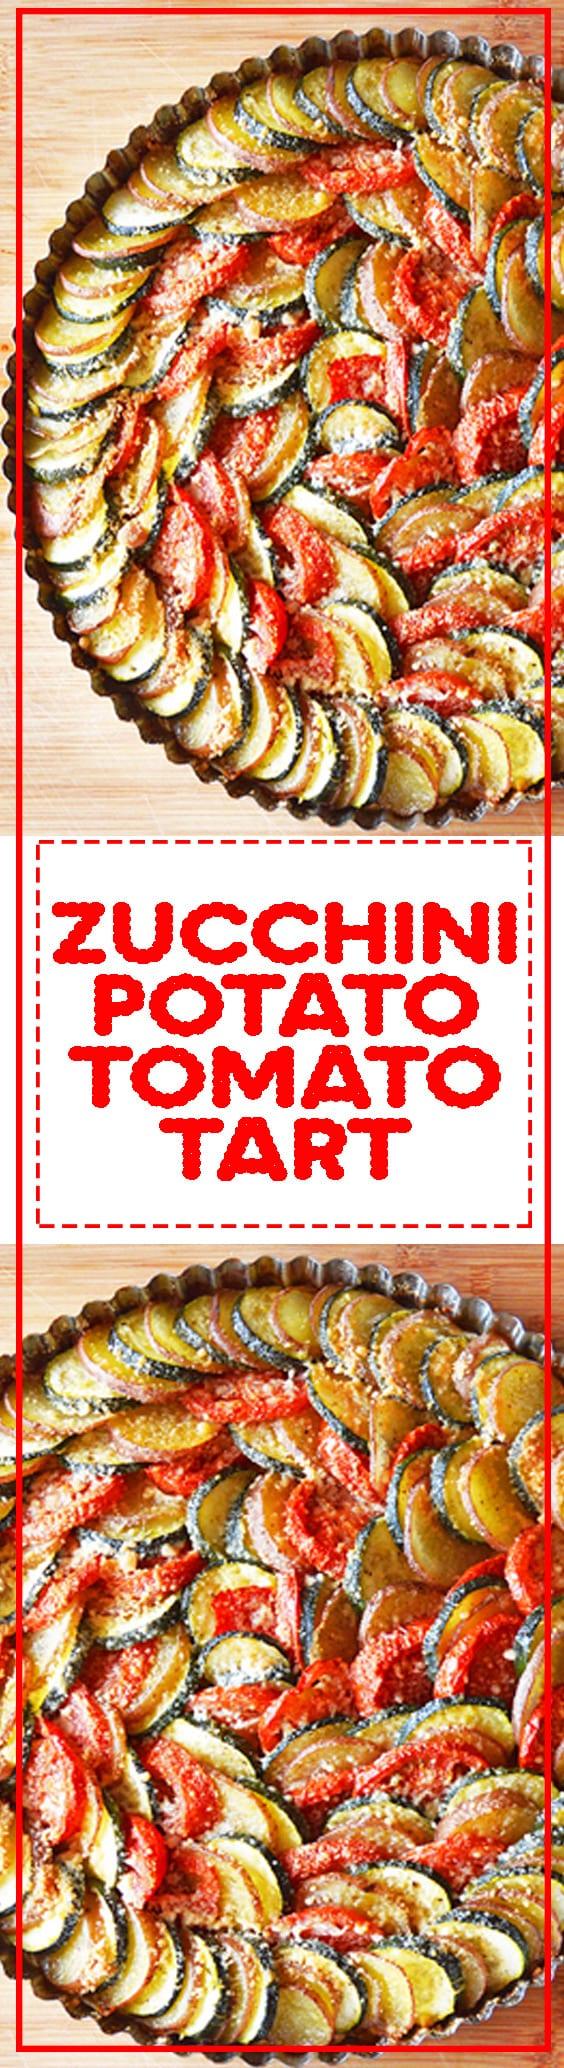 Zucchini Potato Tomato Tart